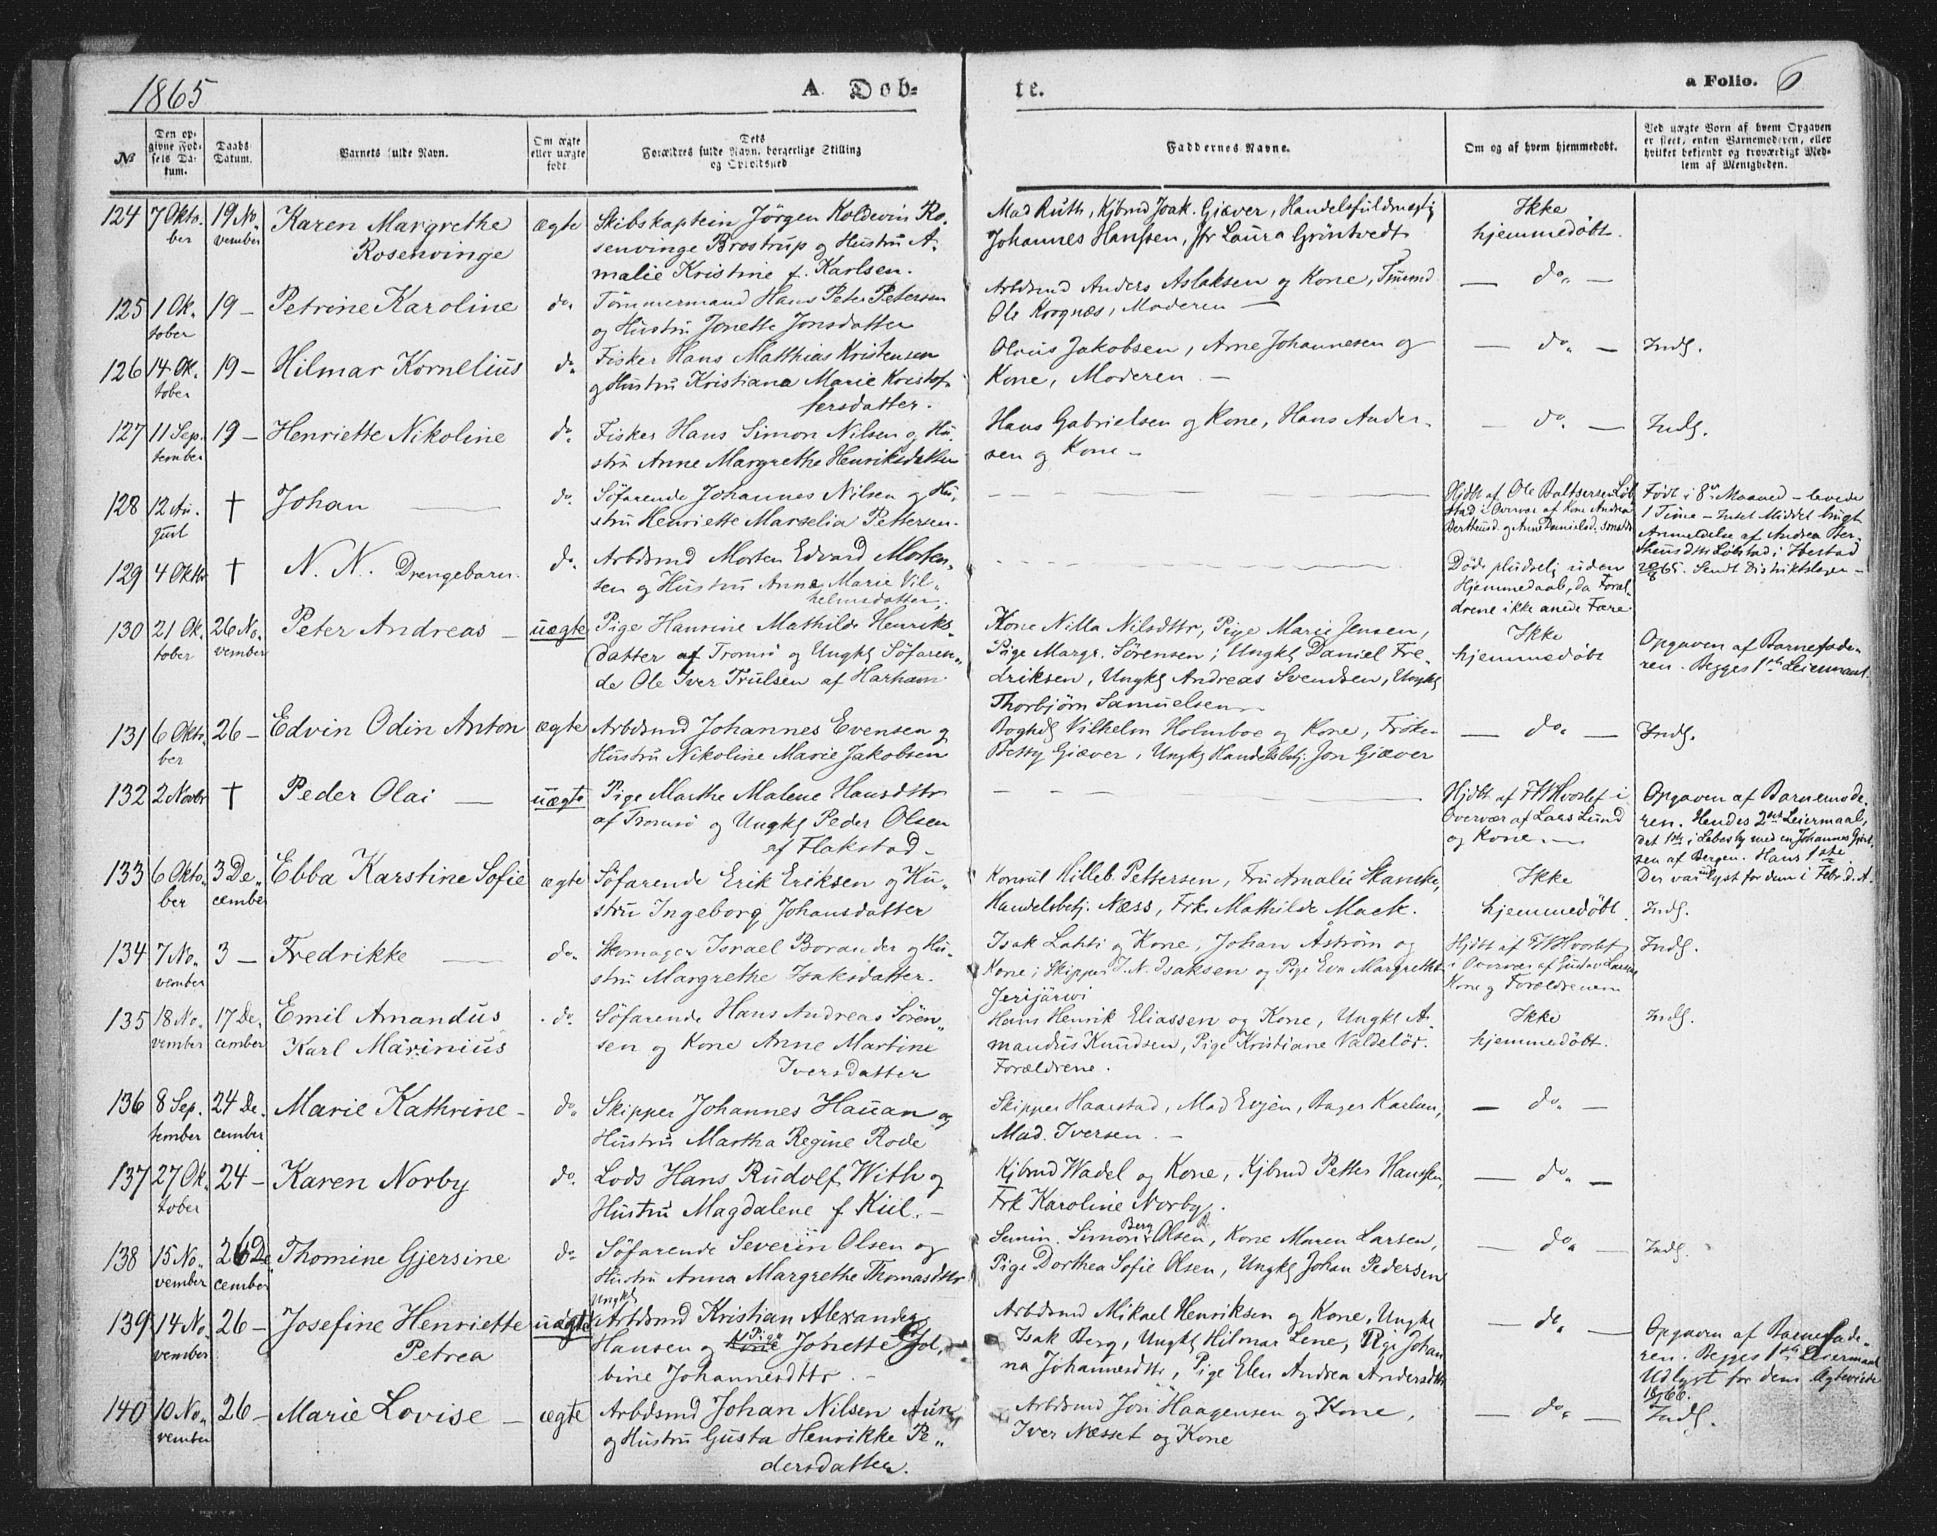 SATØ, Tromsø sokneprestkontor/stiftsprosti/domprosti, G/Ga/L0012kirke: Ministerialbok nr. 12, 1865-1871, s. 6